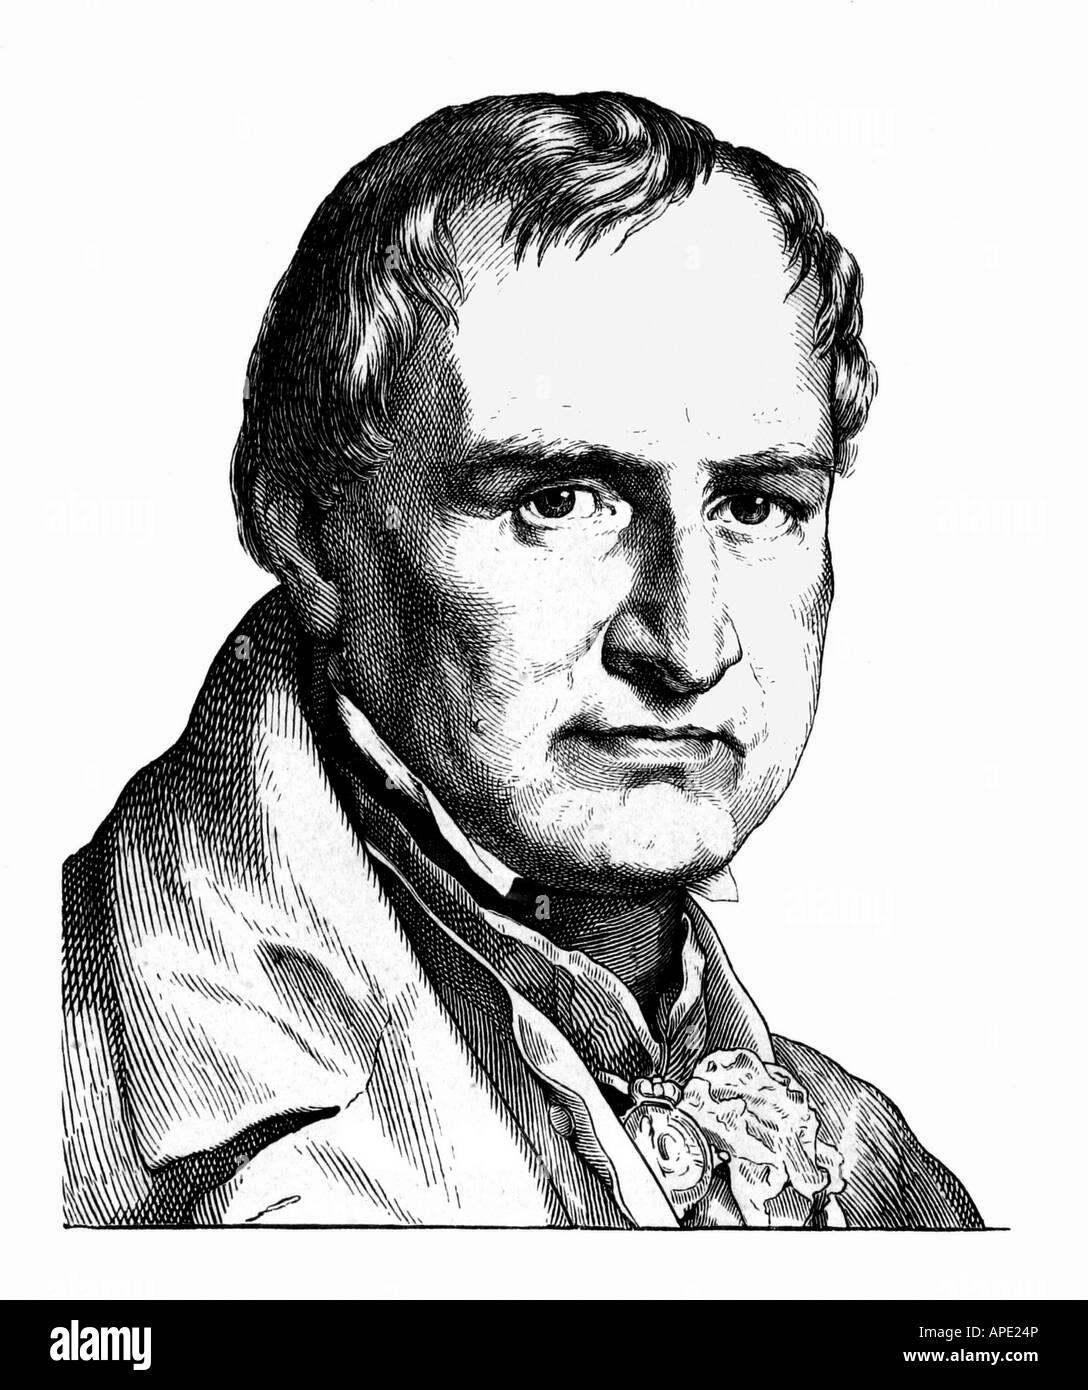 Leopold von Buch, chrétiens, 26. 4,1774 - 4.3.1853, géologue allemand, portrait, gravure sur acier, 19e siècle, l'artiste n'a pas d'auteur pour être effacé Banque D'Images